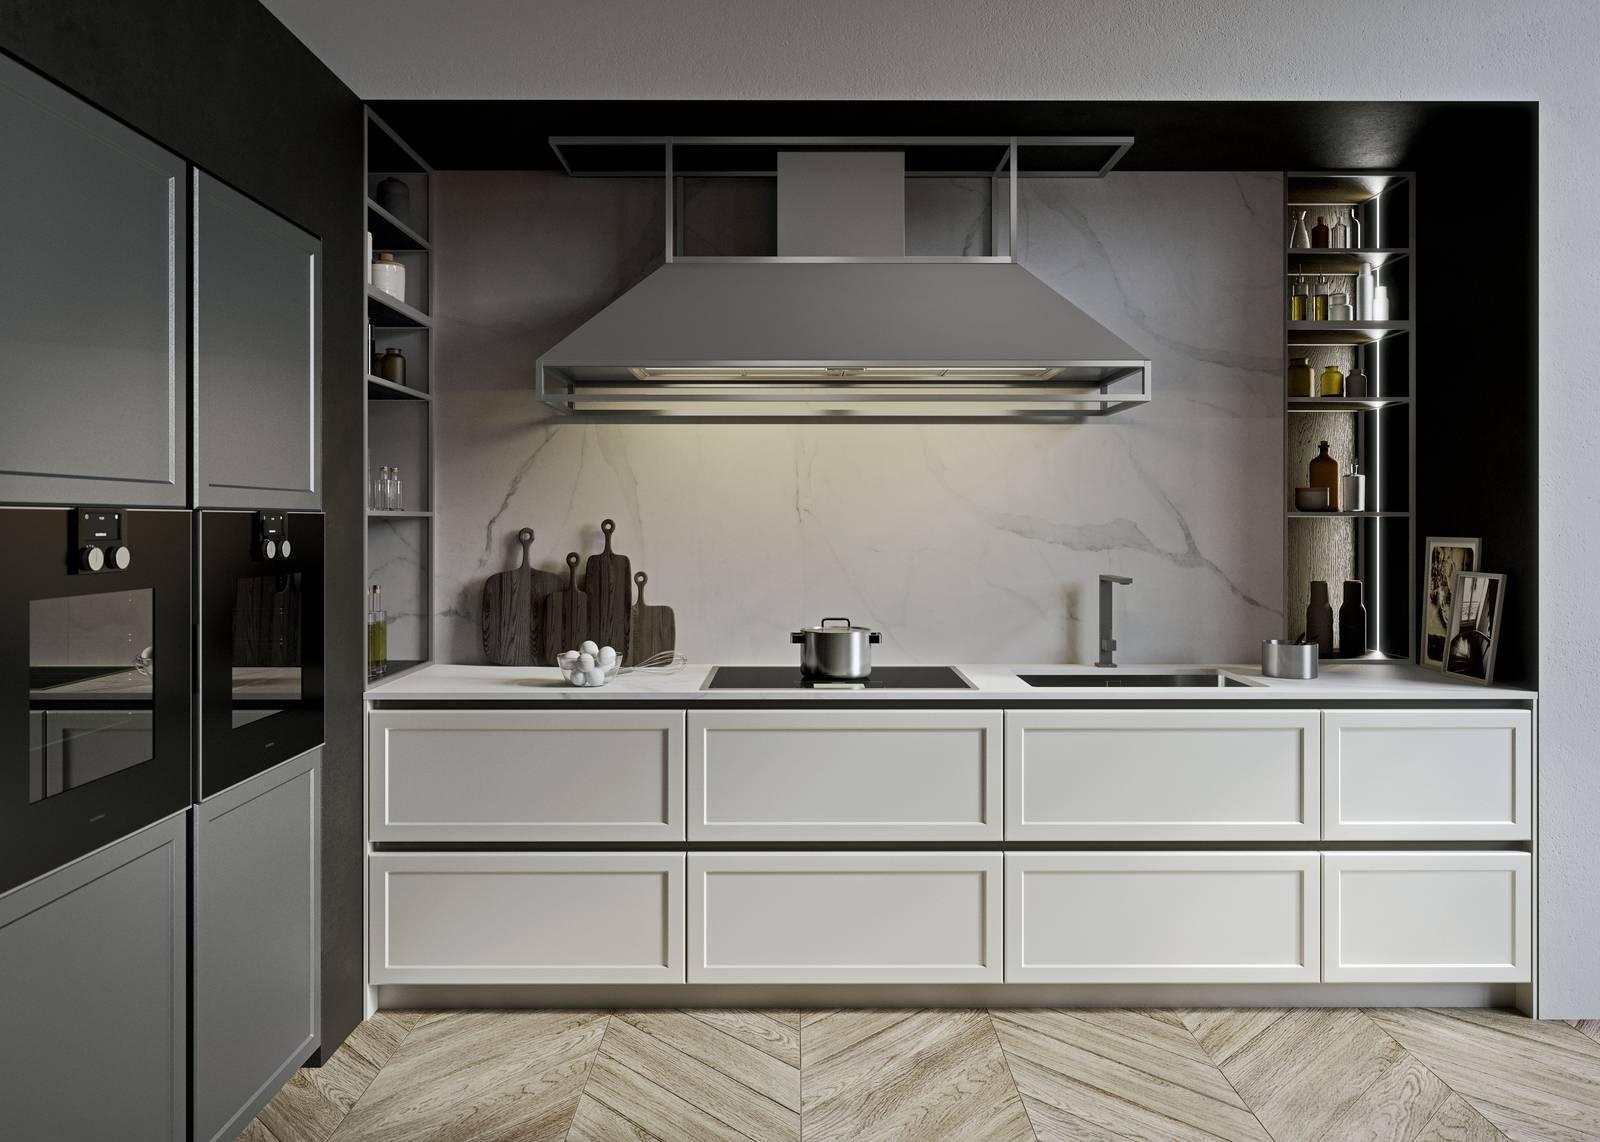 Cucina Con Piano In Marmo Di Carrara.Cucine Con Piano In Marmo O Pietra Un Classico Piu Attuale